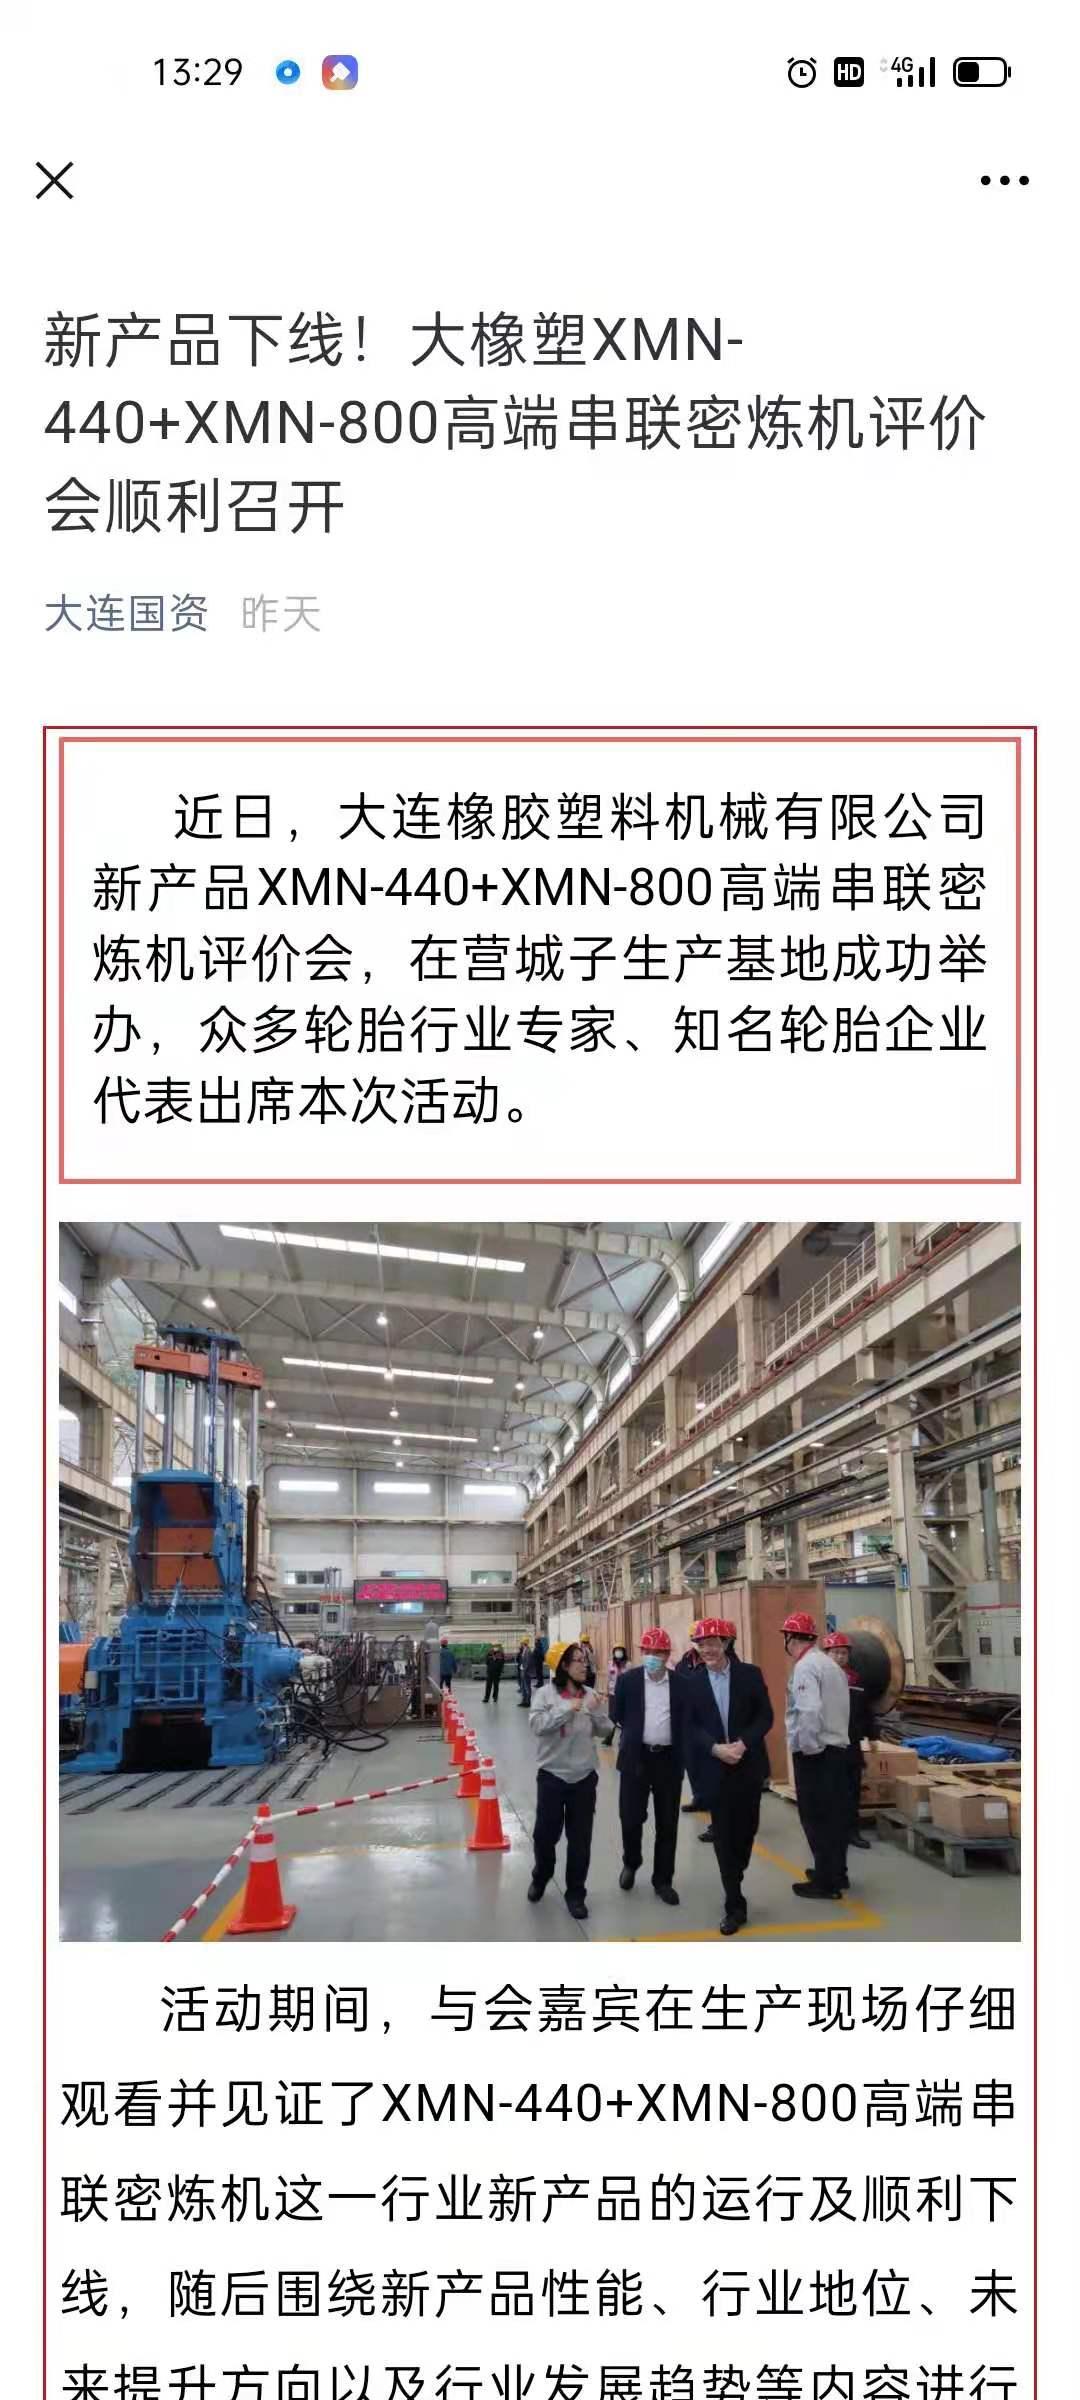 新产品下线!大橡塑XMN-440+XMN-800高端串联密炼机评价会顺利召开